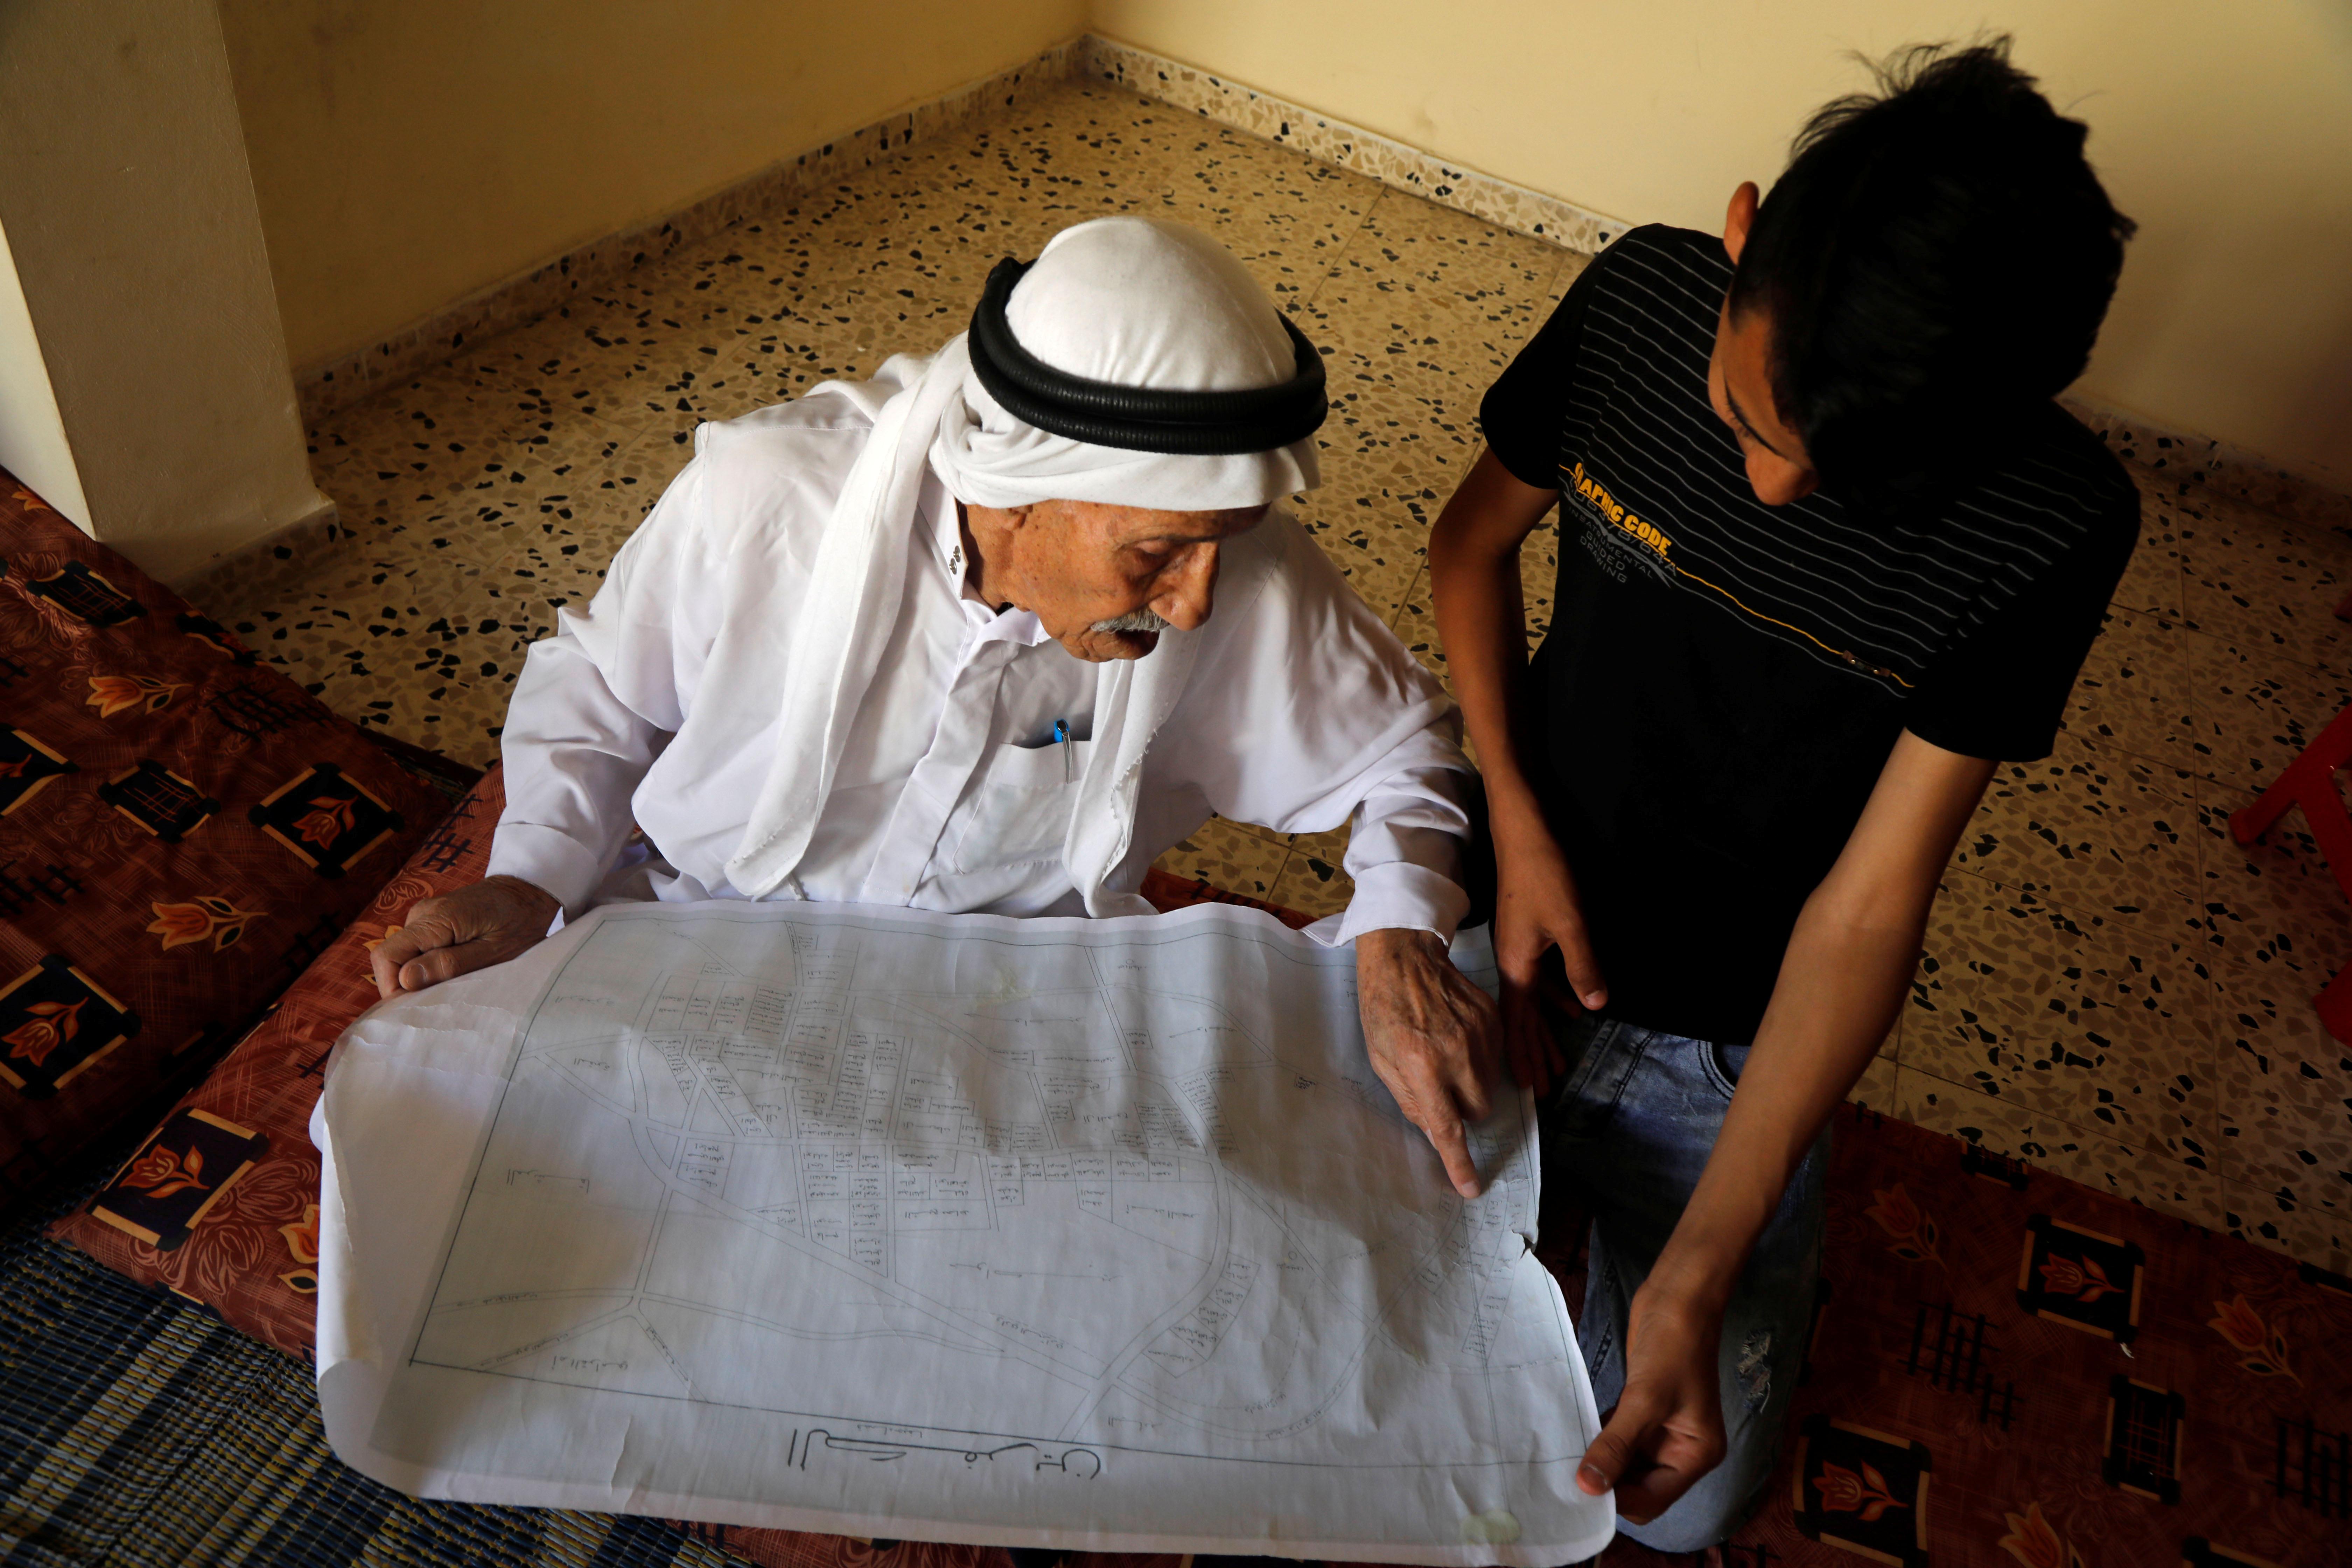 مسن فلسطينى يظهر خريطة لبلدته الفلسطينية